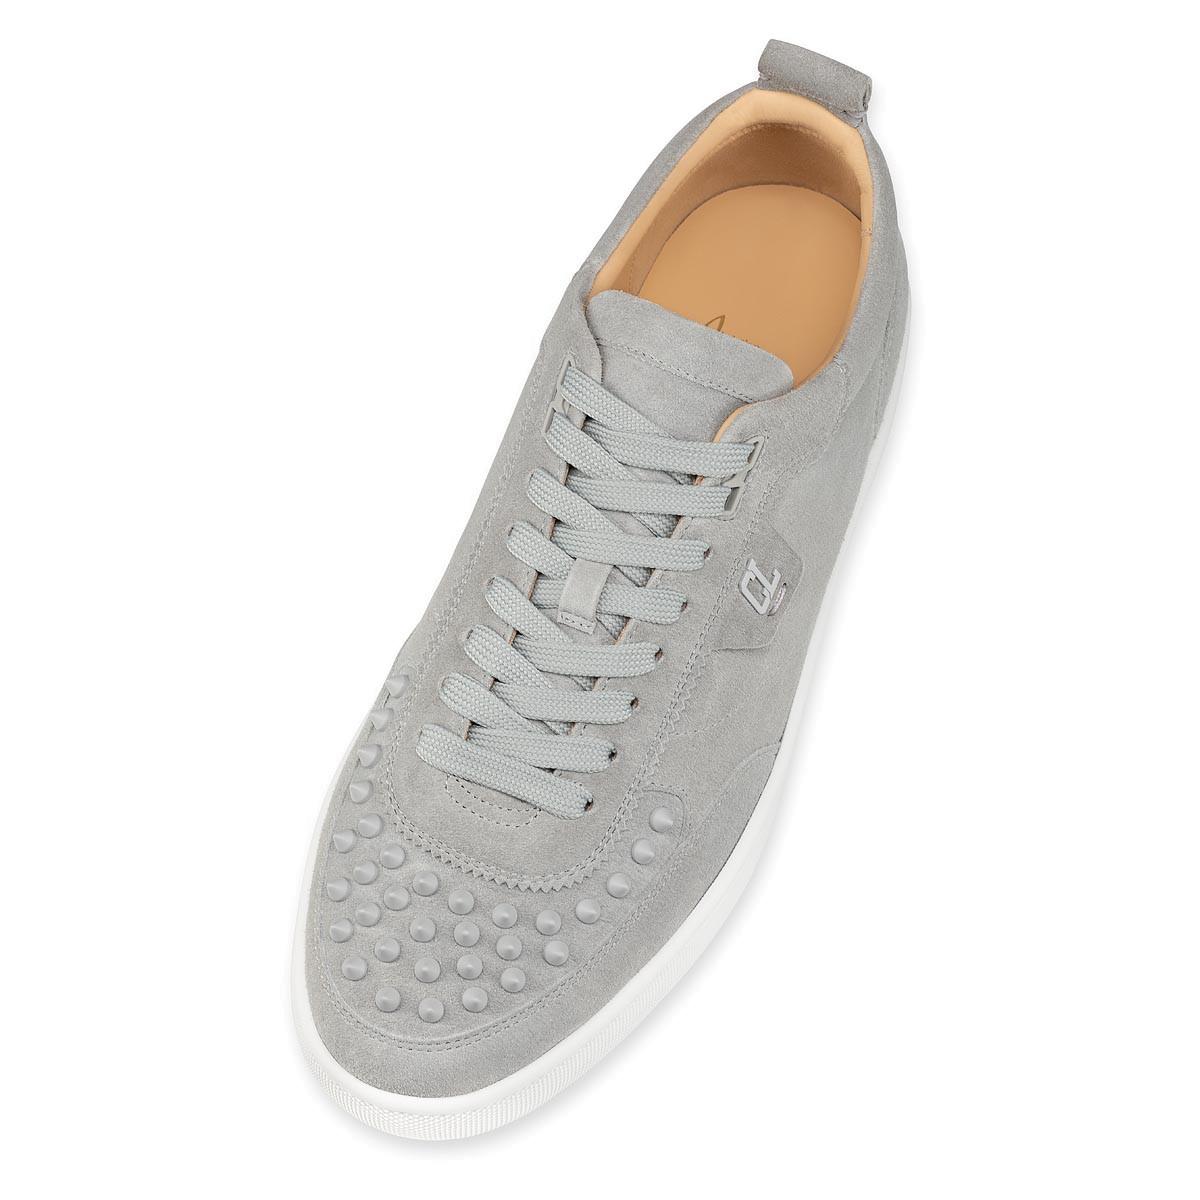 鞋履 - Happy Rui Spikes - Christian Louboutin